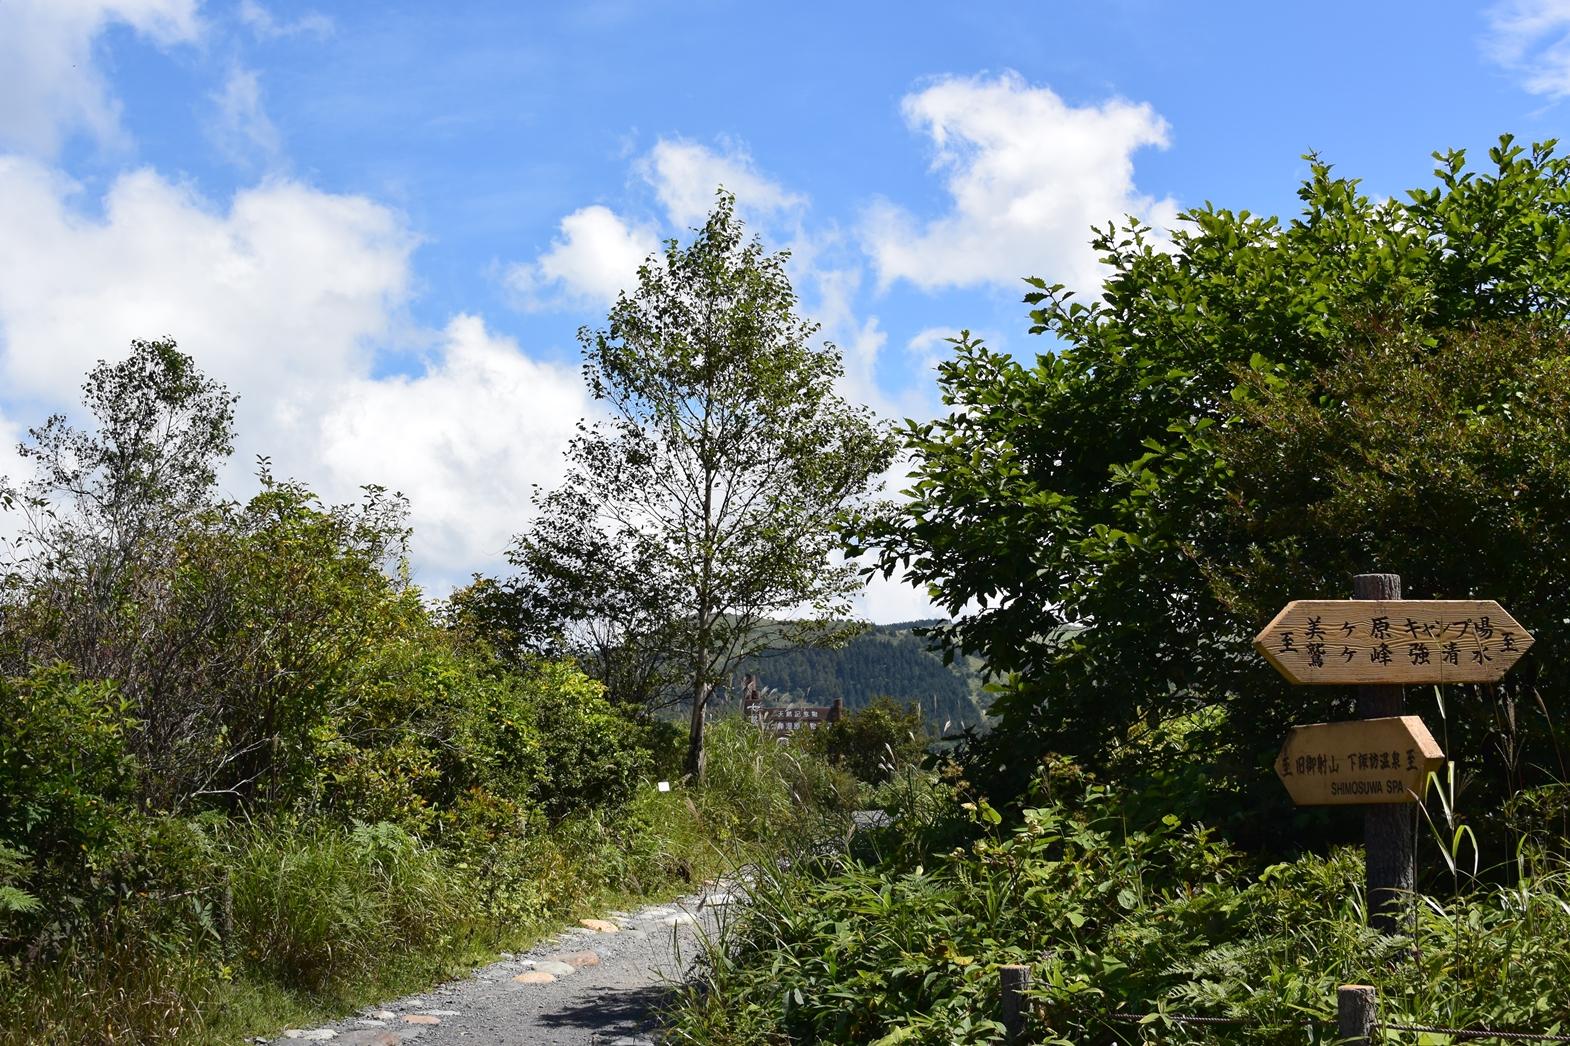 長野県霧ヶ峰高原八島湿原:入り口